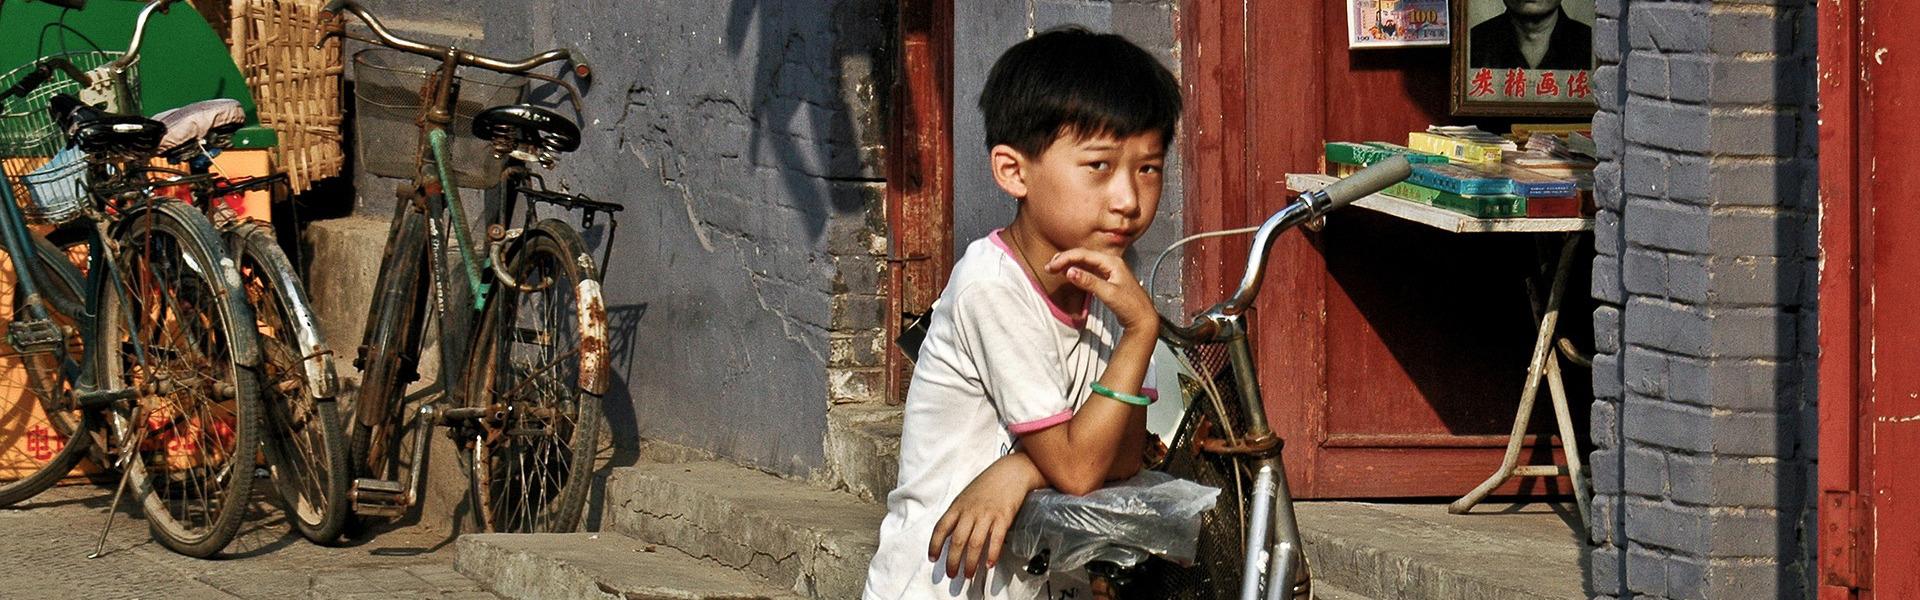 child-1983747_1920.jpg